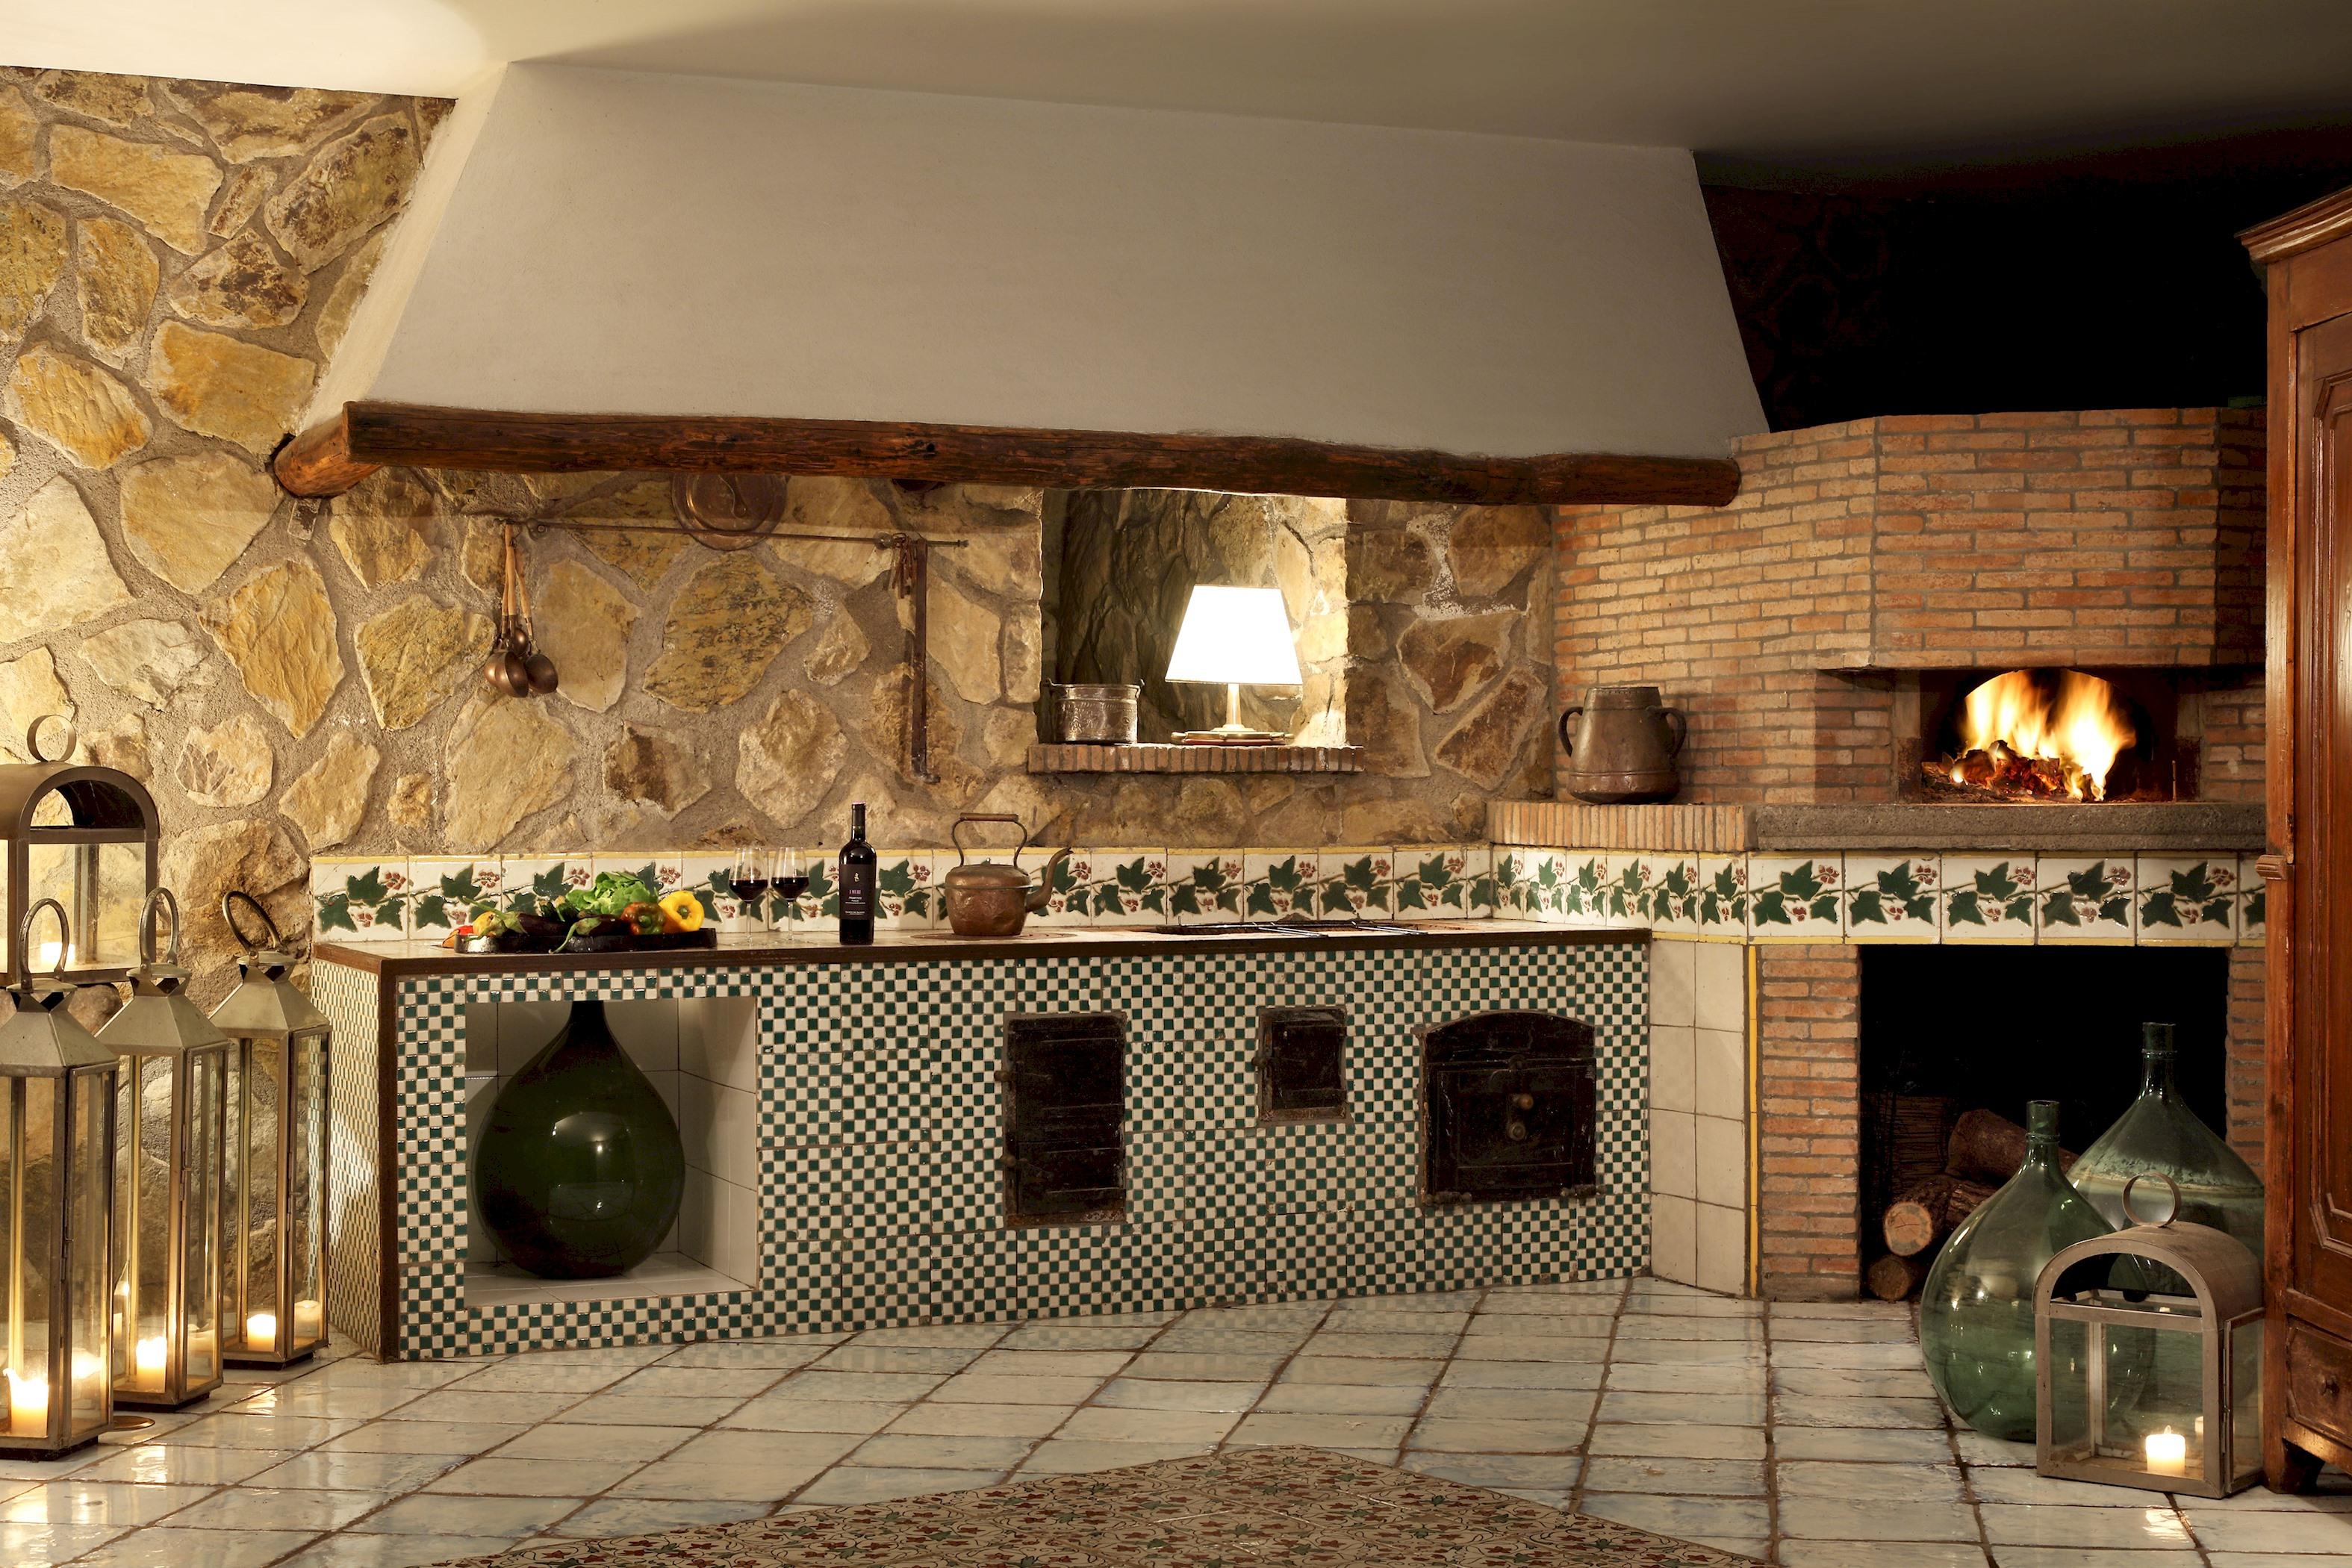 Apartment Villa Vesuvio - Luxury and Beauty photo 25033420